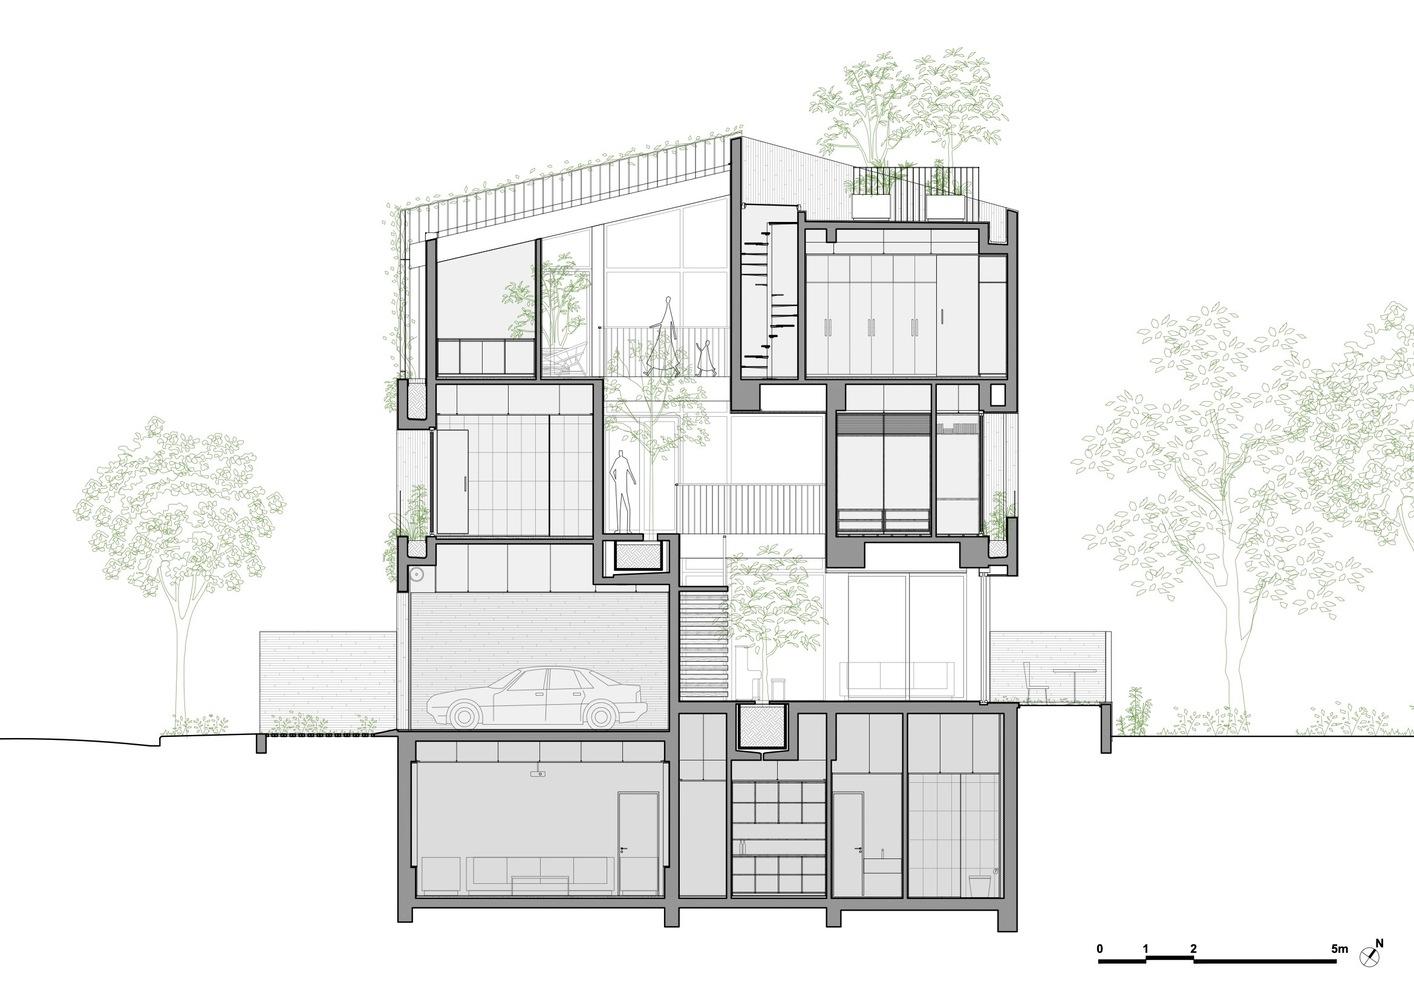 Bản vẽ chi tiết ngôi nhà và các tầng